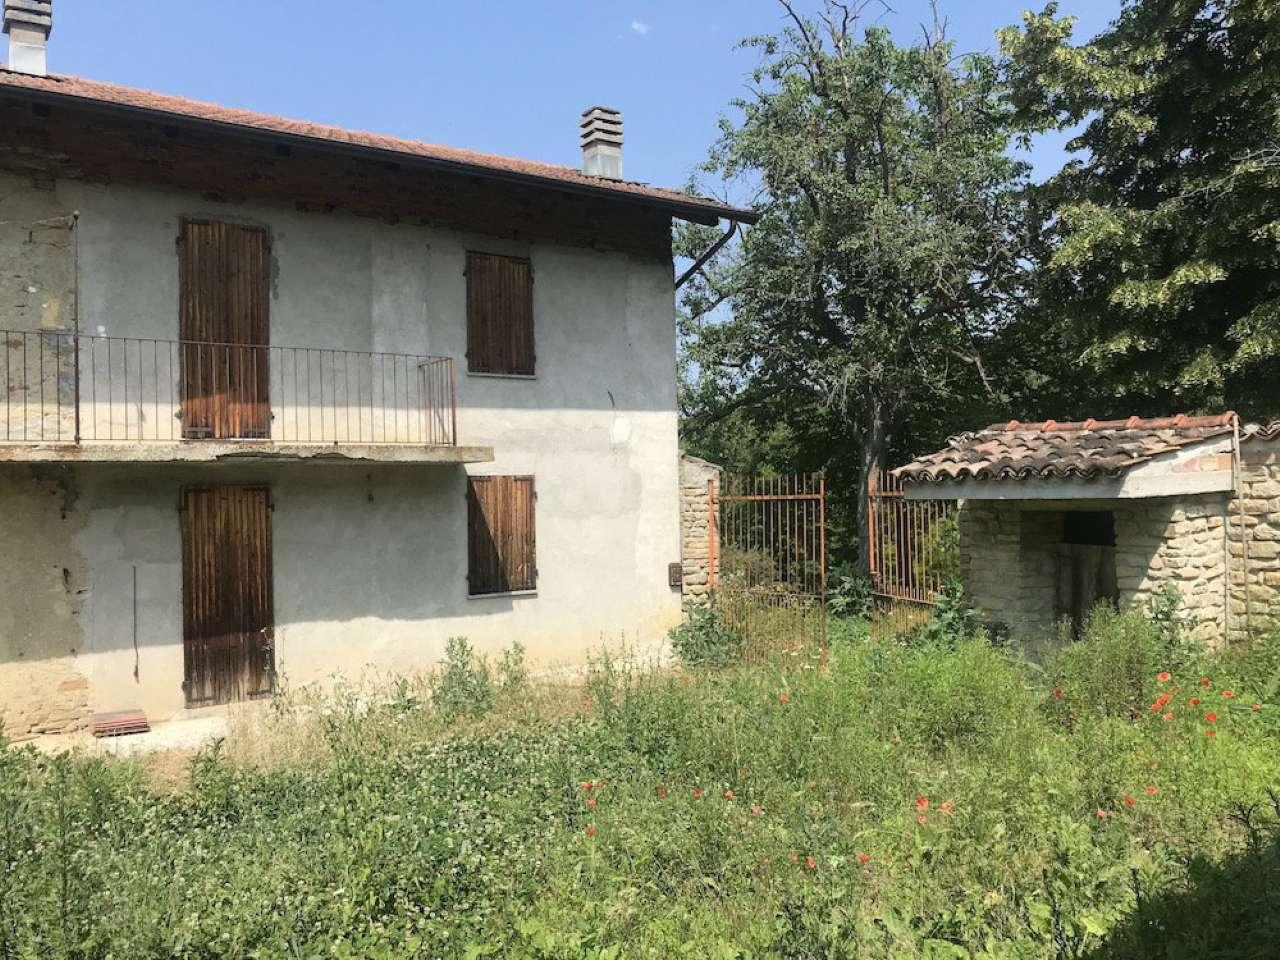 Rustico / Casale in vendita a Castino, 10 locali, prezzo € 230.000 | PortaleAgenzieImmobiliari.it